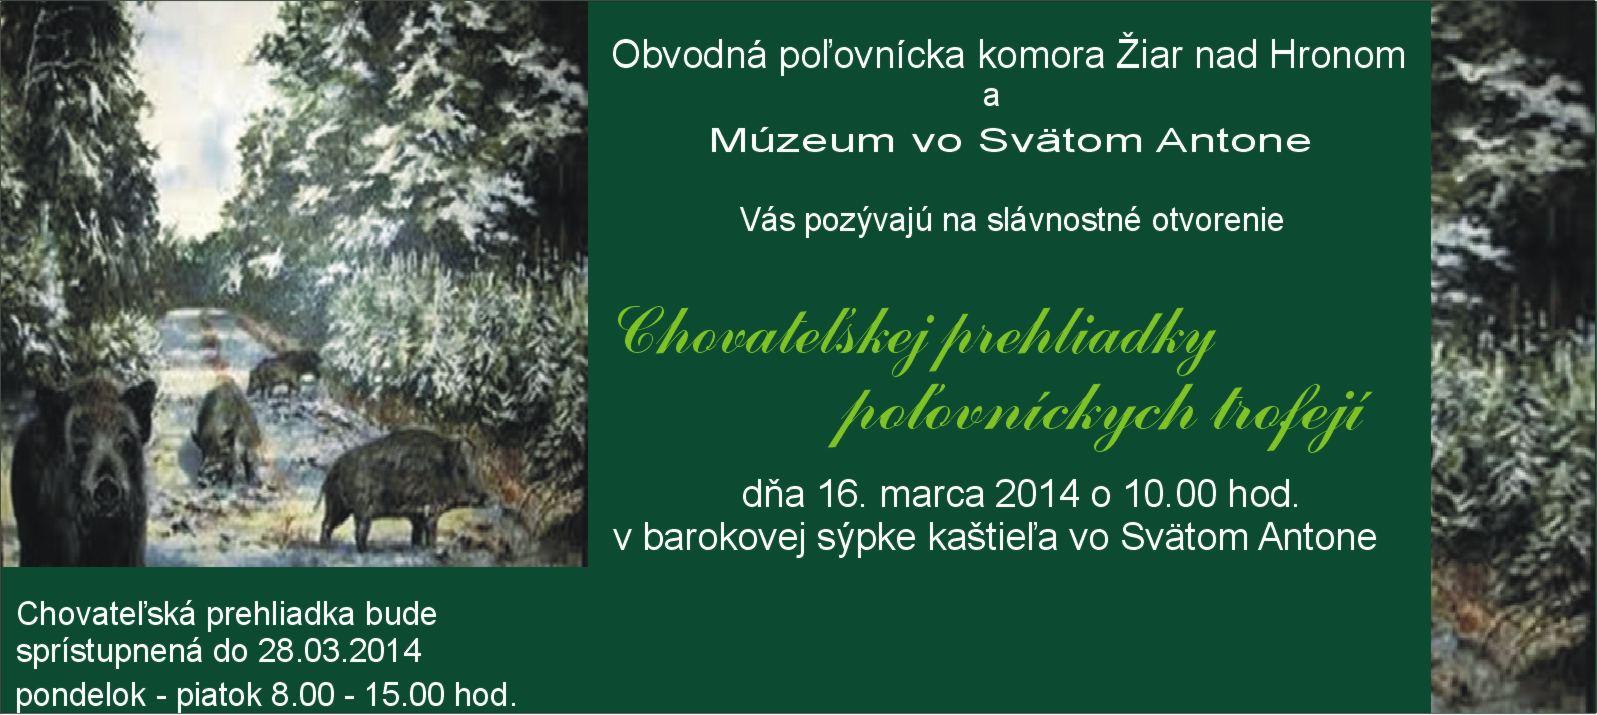 Pozvánka na CHPT 20132014 OPK Žiar nad Hronom (8)